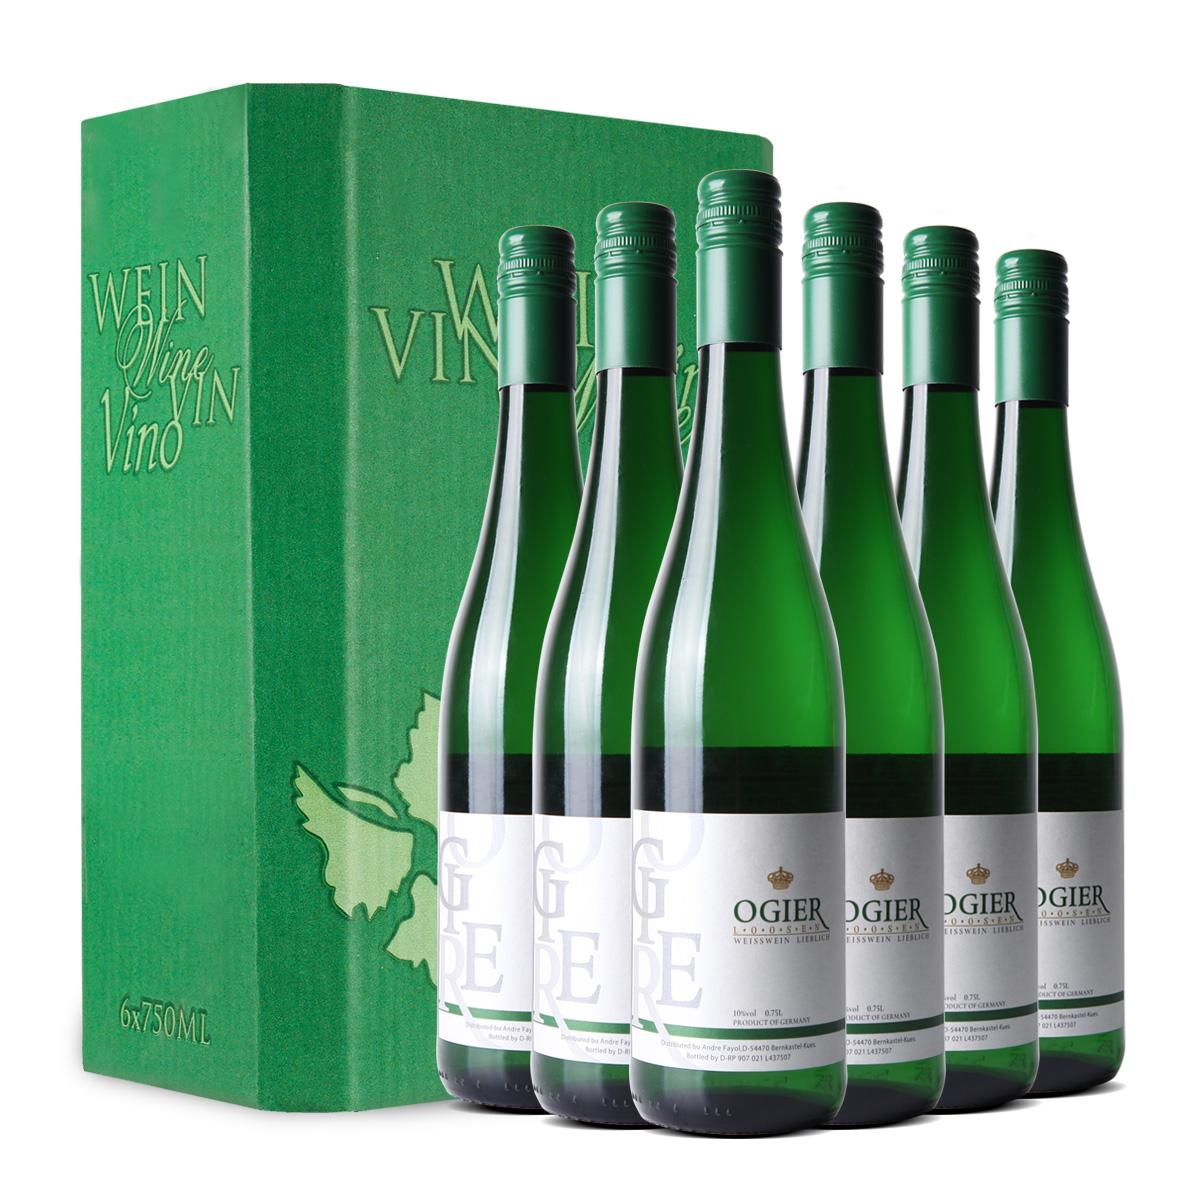 德国原瓶进口欧吉露森雷司令女士送礼甜白葡萄酒整箱750ml*6支装